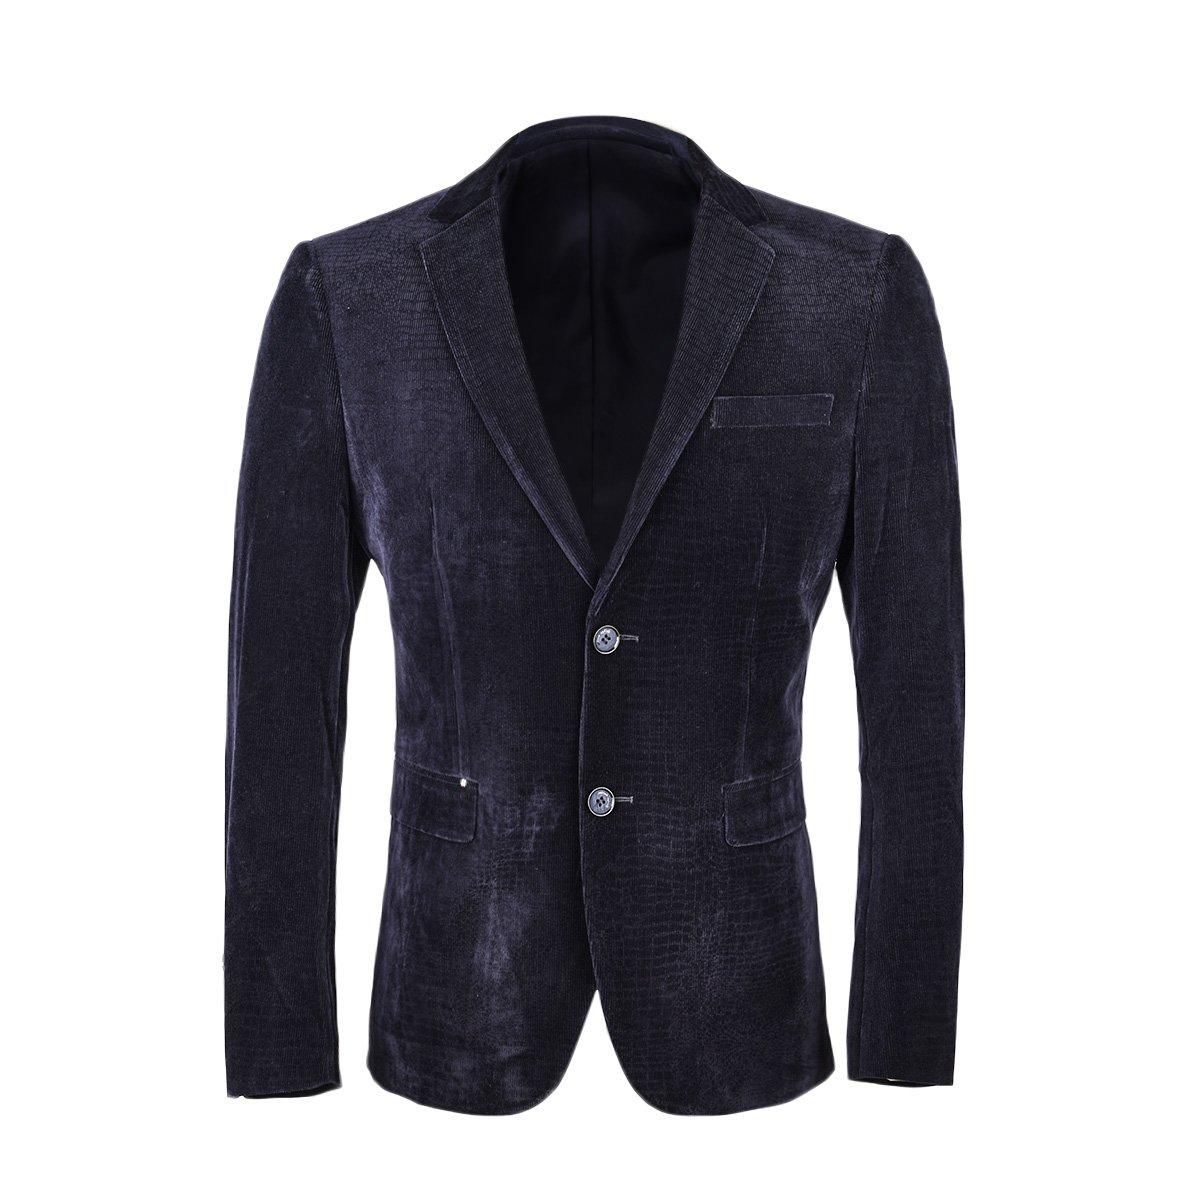 VOBOOM Men's Suit Coat Two Button Casual Sport Coat Slim Fit Blazers Corduroy Jacket BDXZ9816-Navy-S